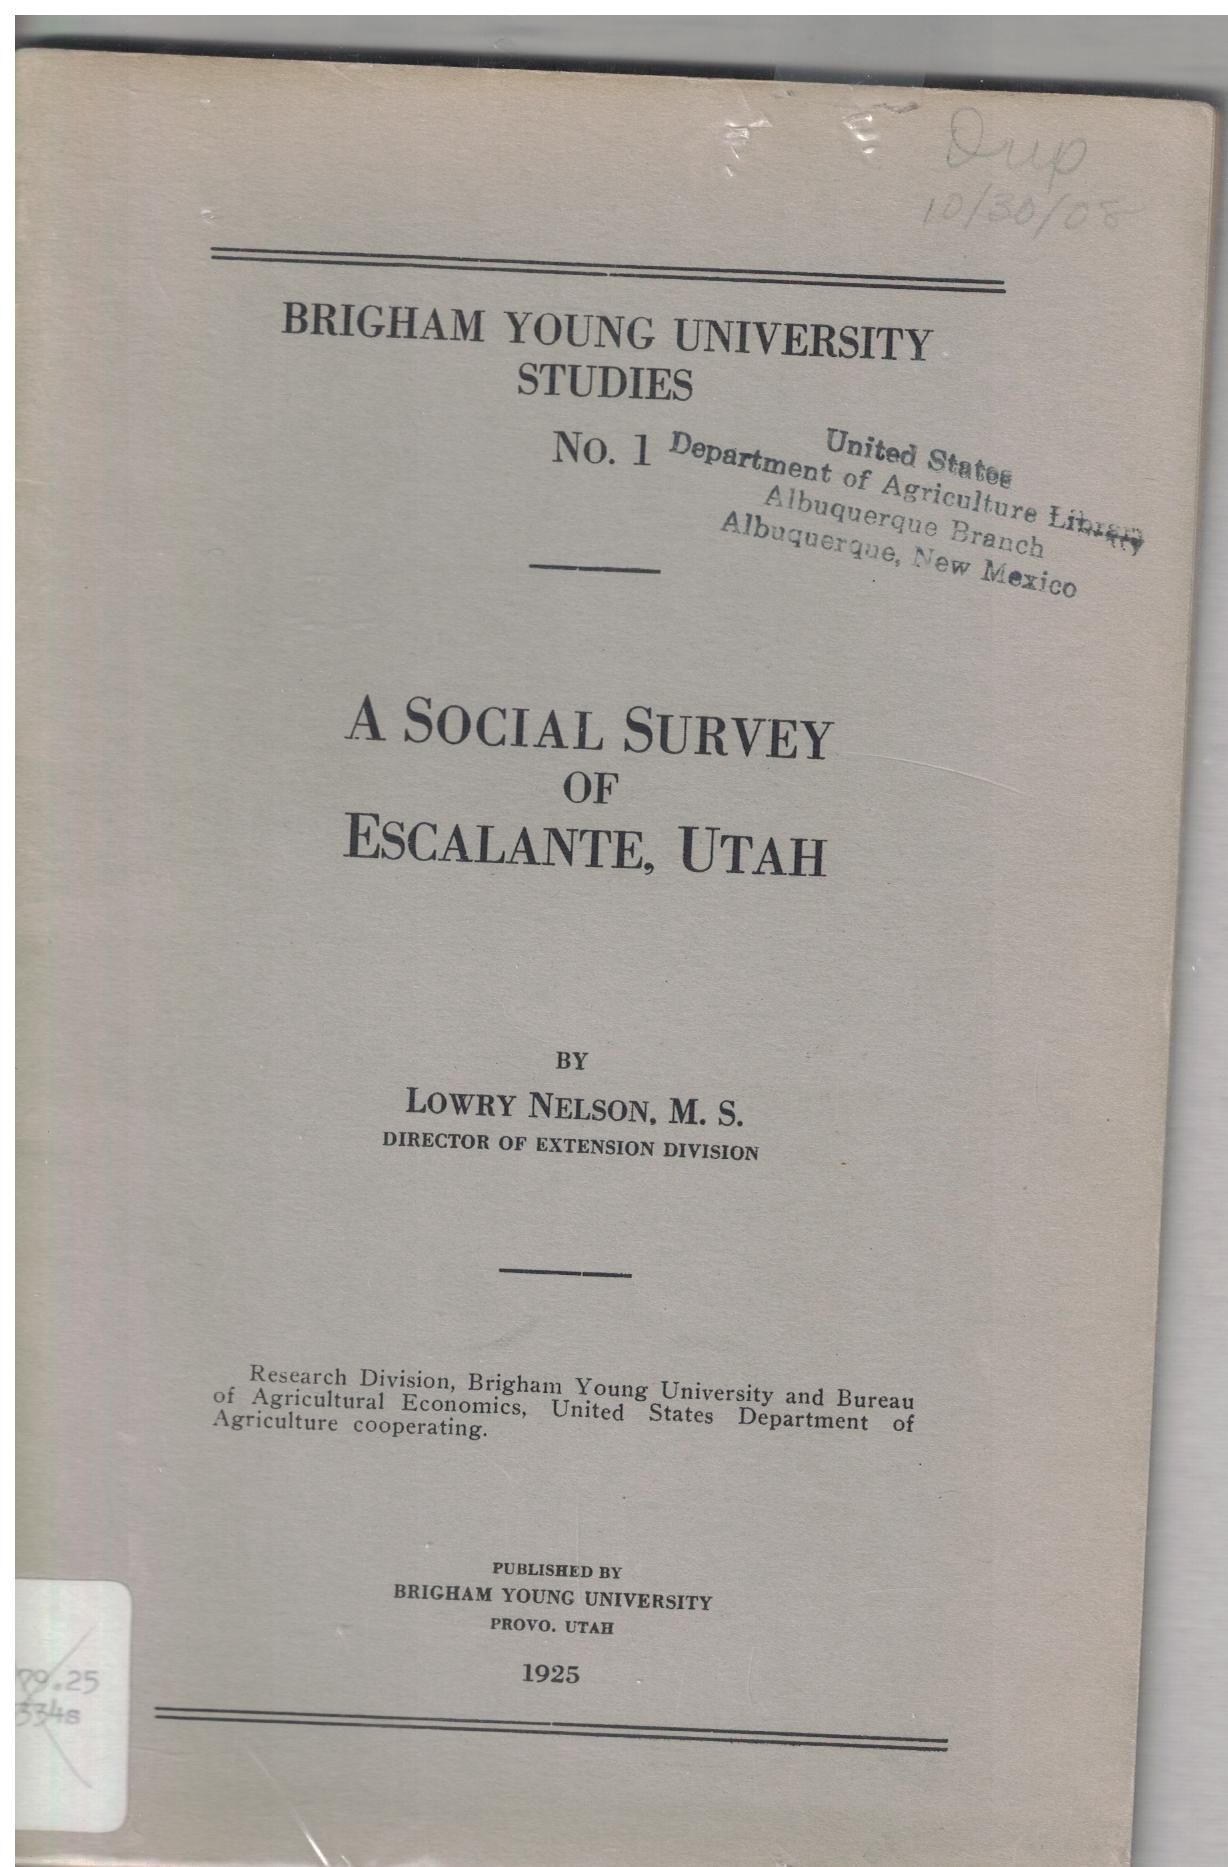 brigham young university studies no 1 a social survey of escalante